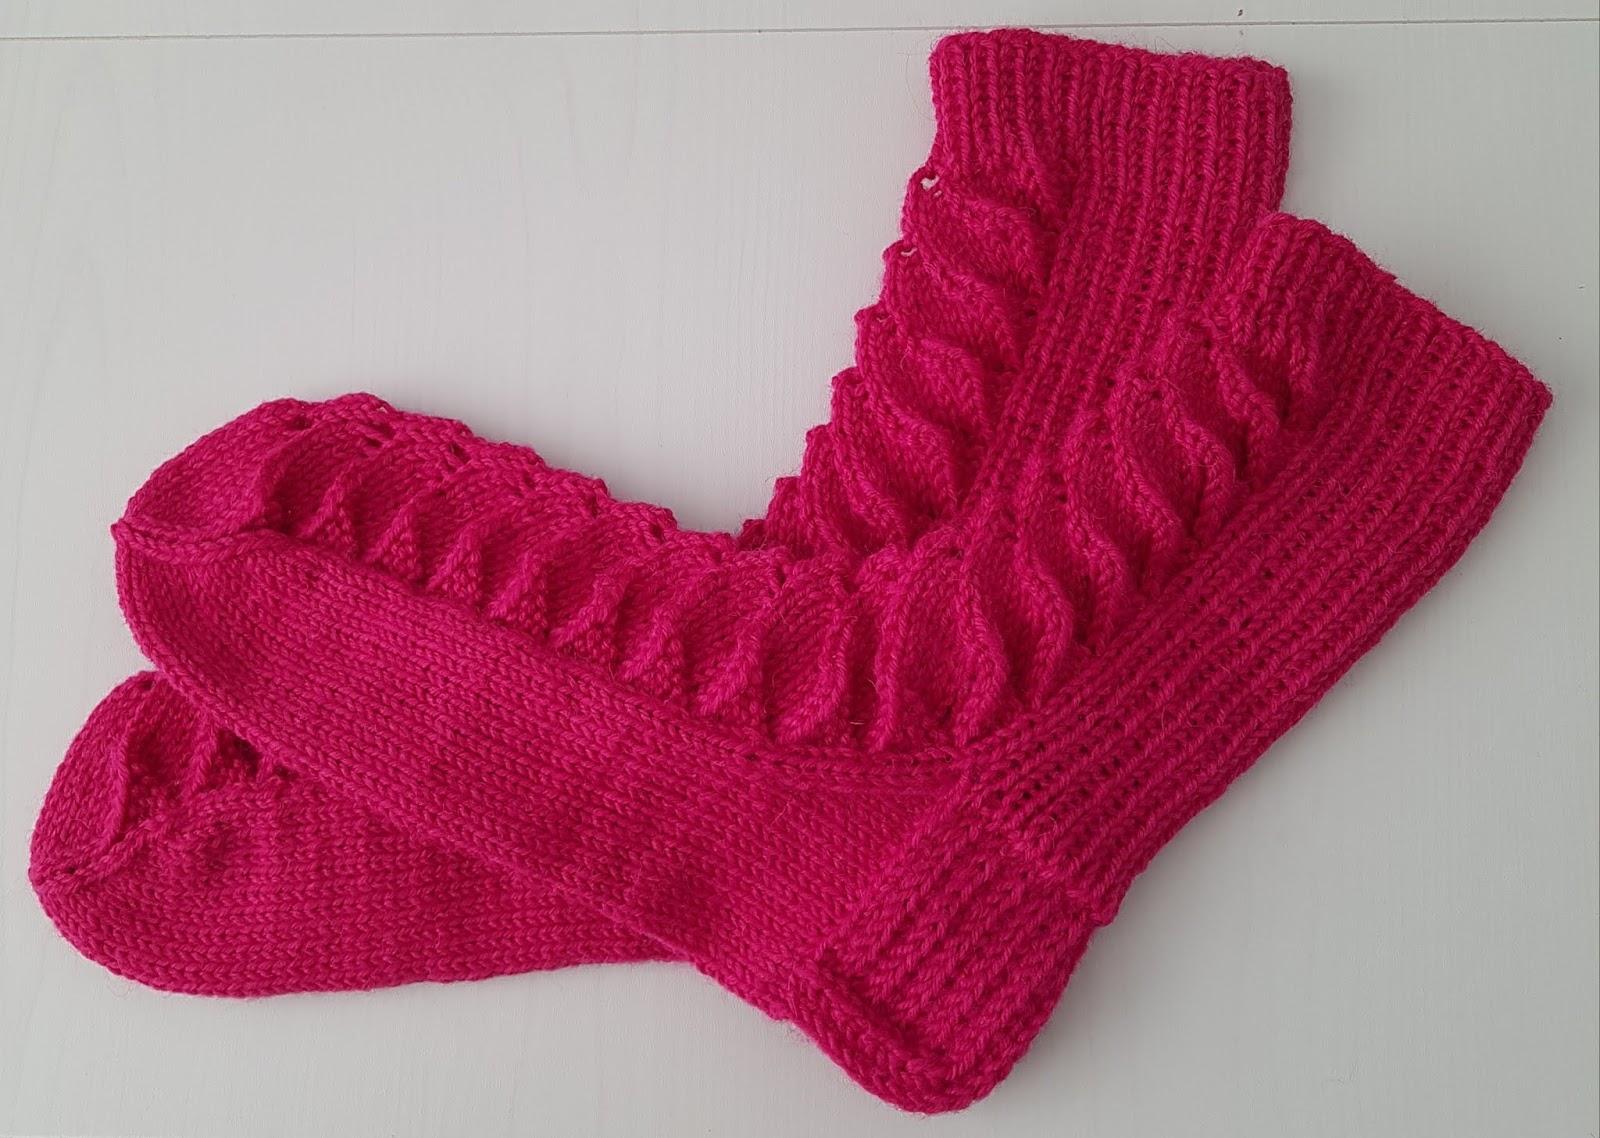 Tiedote: Syksyn lämpimin uutuuskirja: Marttojen parhaat villasukat